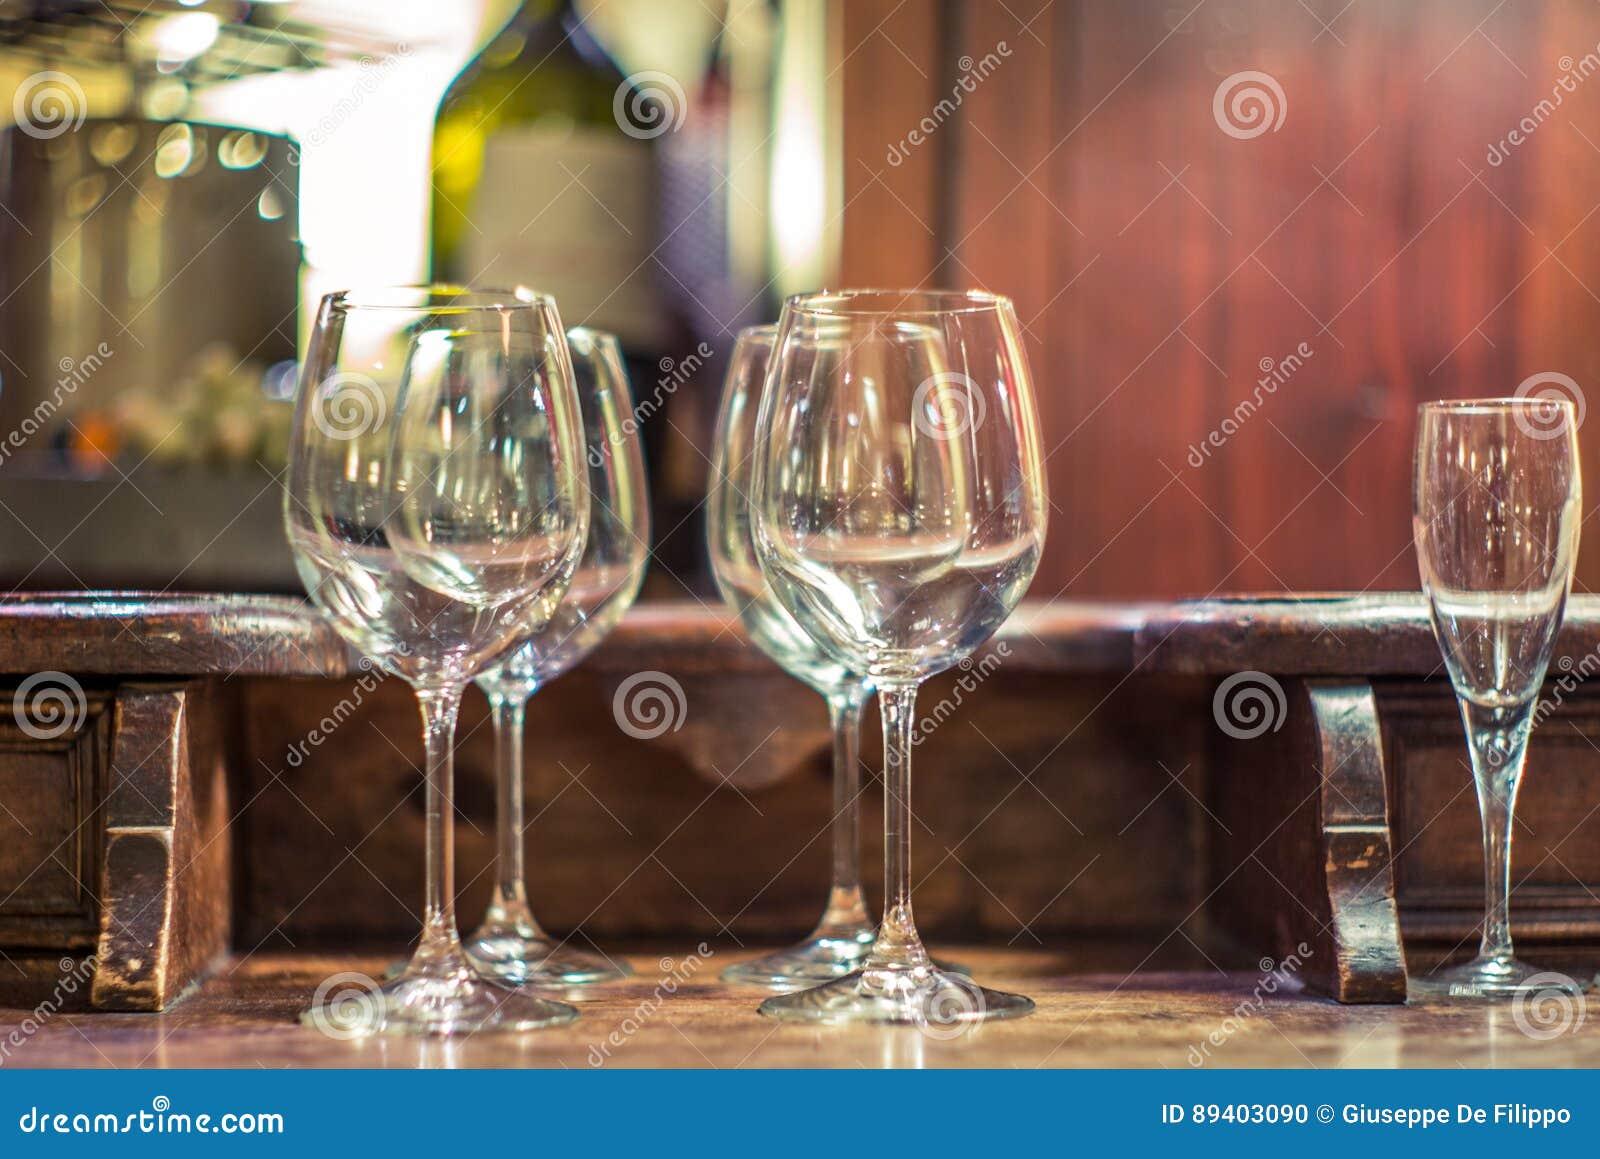 Vidros de vinho tinto em um restaurante em Milão - 2